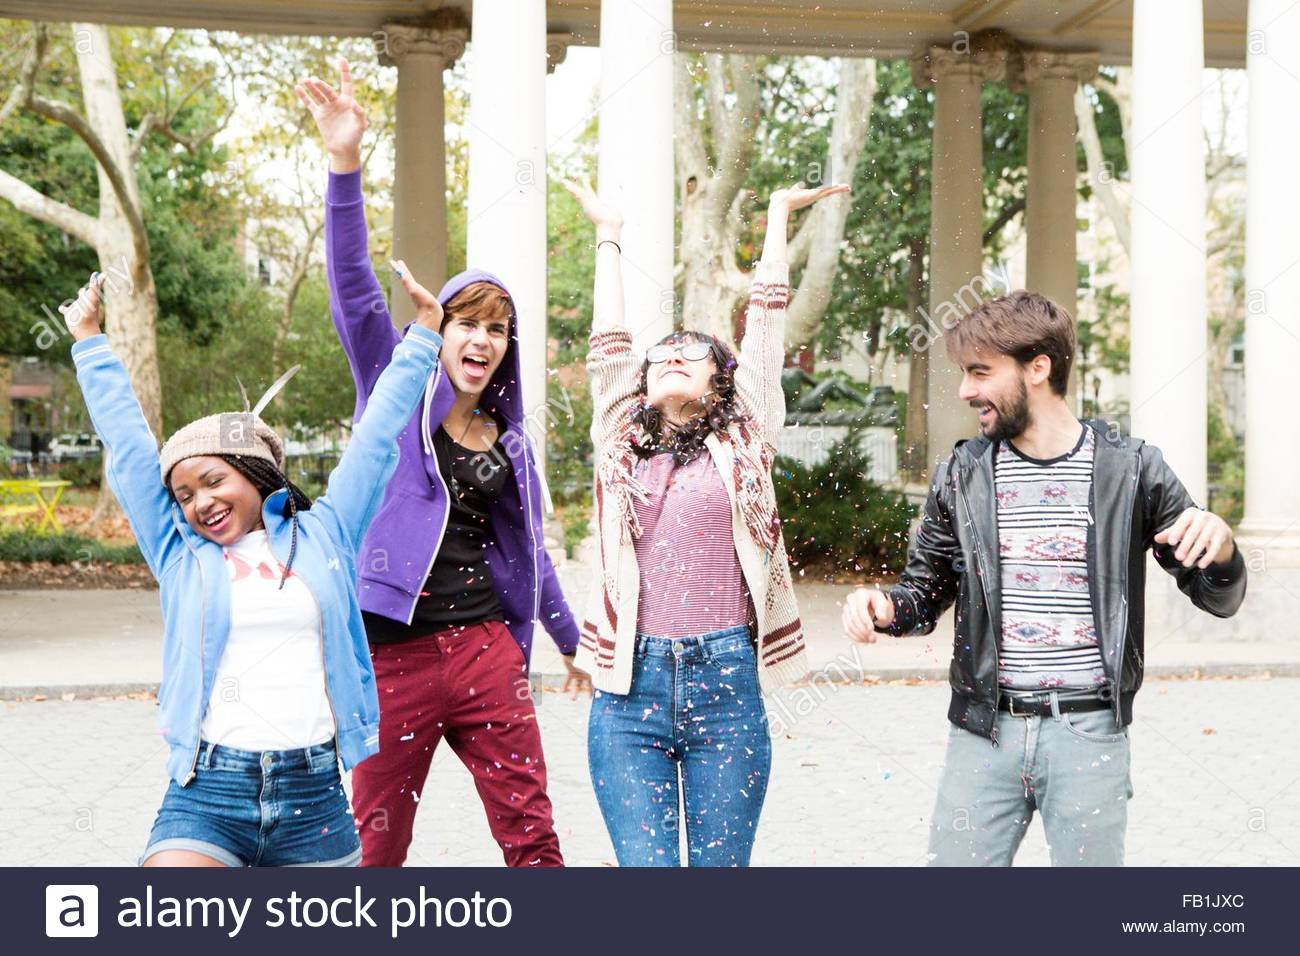 Quattro giovani amici adulti gettando coriandoli nel parco, Brooklyn, New York, Stati Uniti d'America Immagini Stock